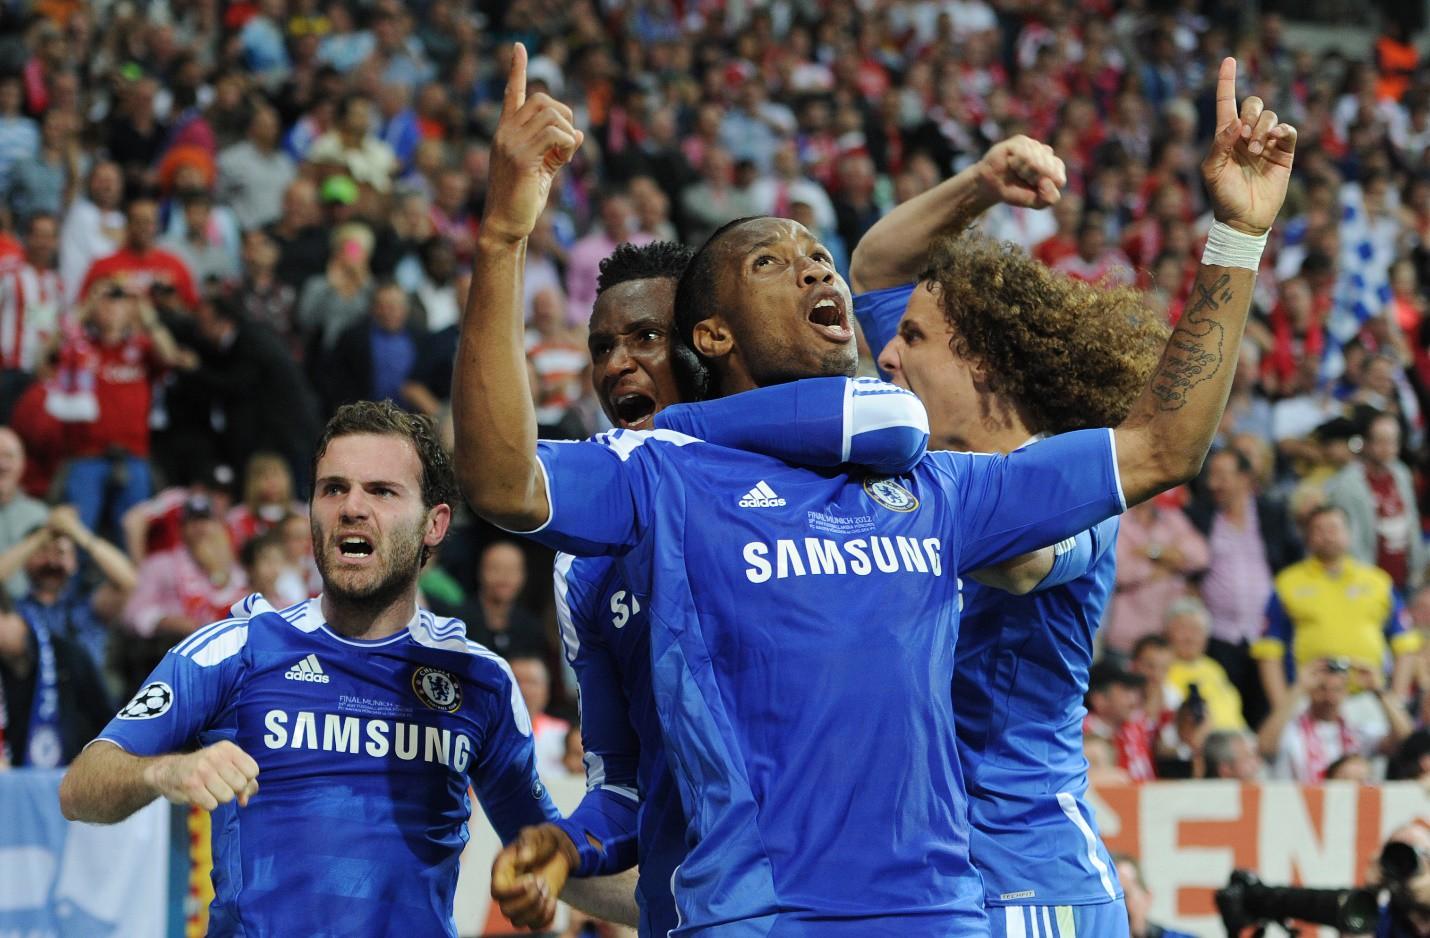 Chelsea và Juan Mata: Mối lương duyên đẹp nhưng kết thúc không có hậu - Ảnh 1.